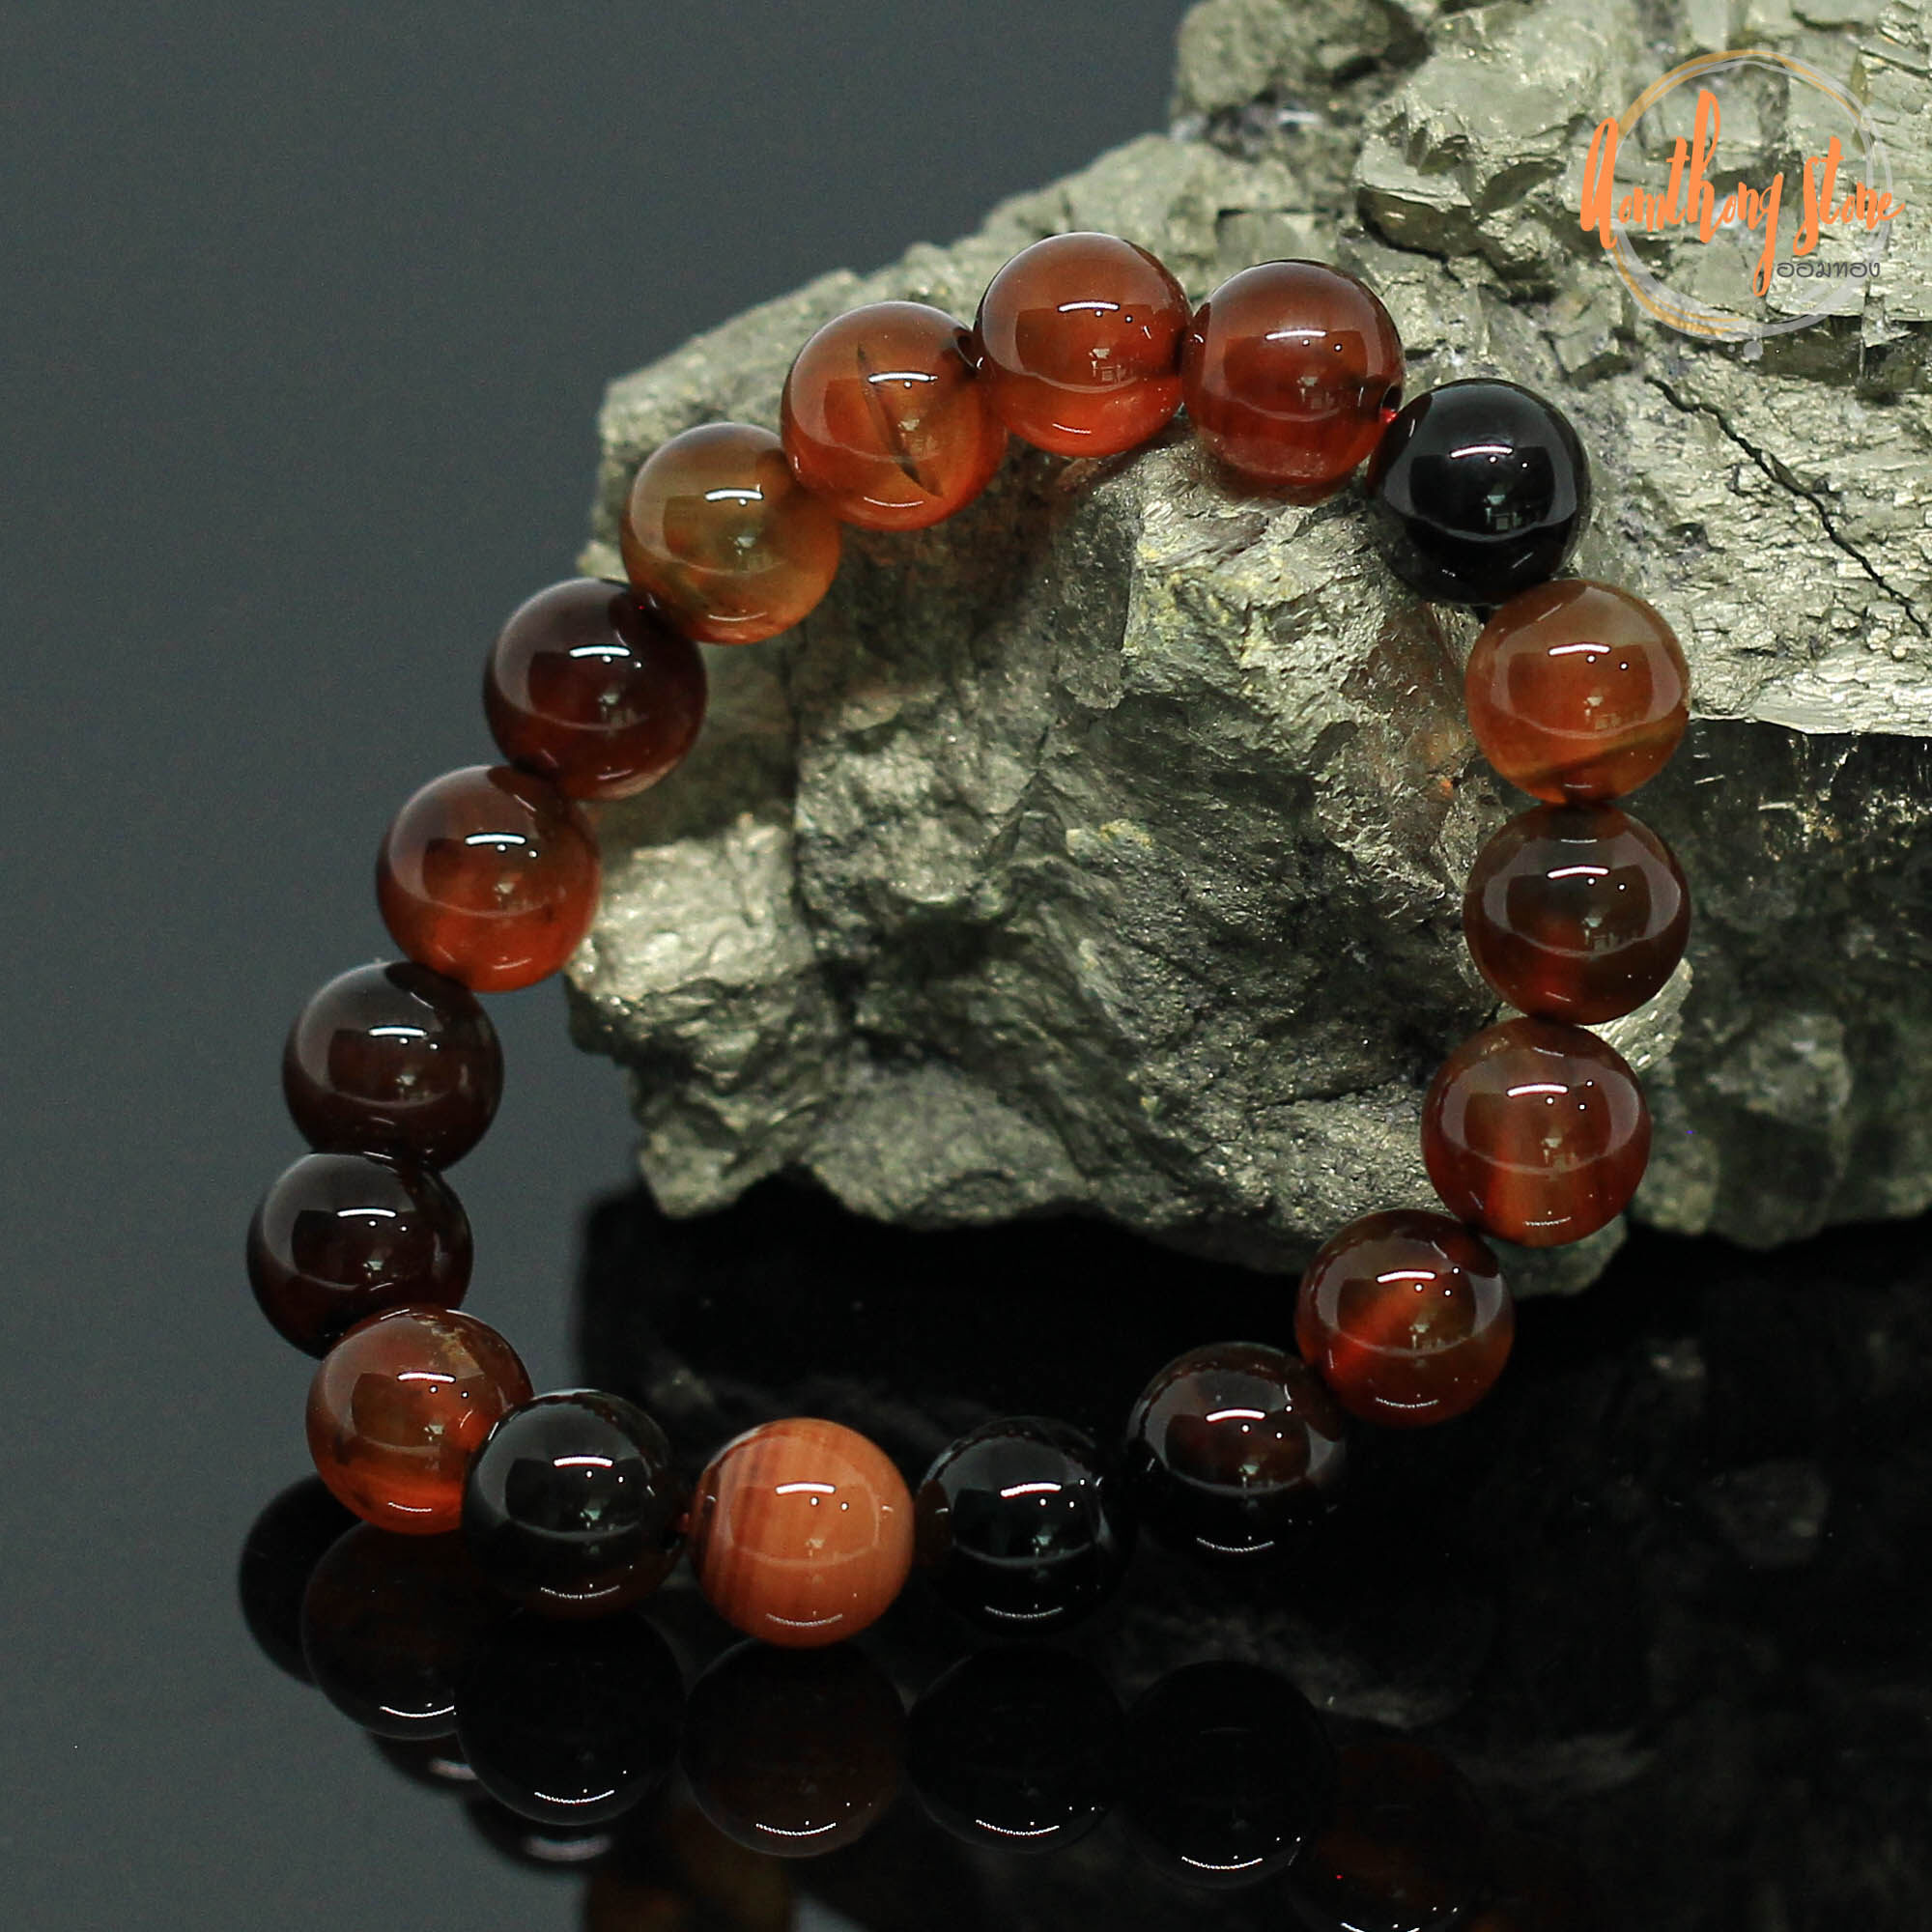 หินอาเกต หินโมรา สีน้ำตาล ขนาด 10 มิล Brown Agate กำไลหินมงคล หินดวงตาสวรรค์  ช่วยปกป้องจากฝันร้าย หินสี กำไลหิน หินสีน้ำตาล by.ออมทอง   Lazada.co.th